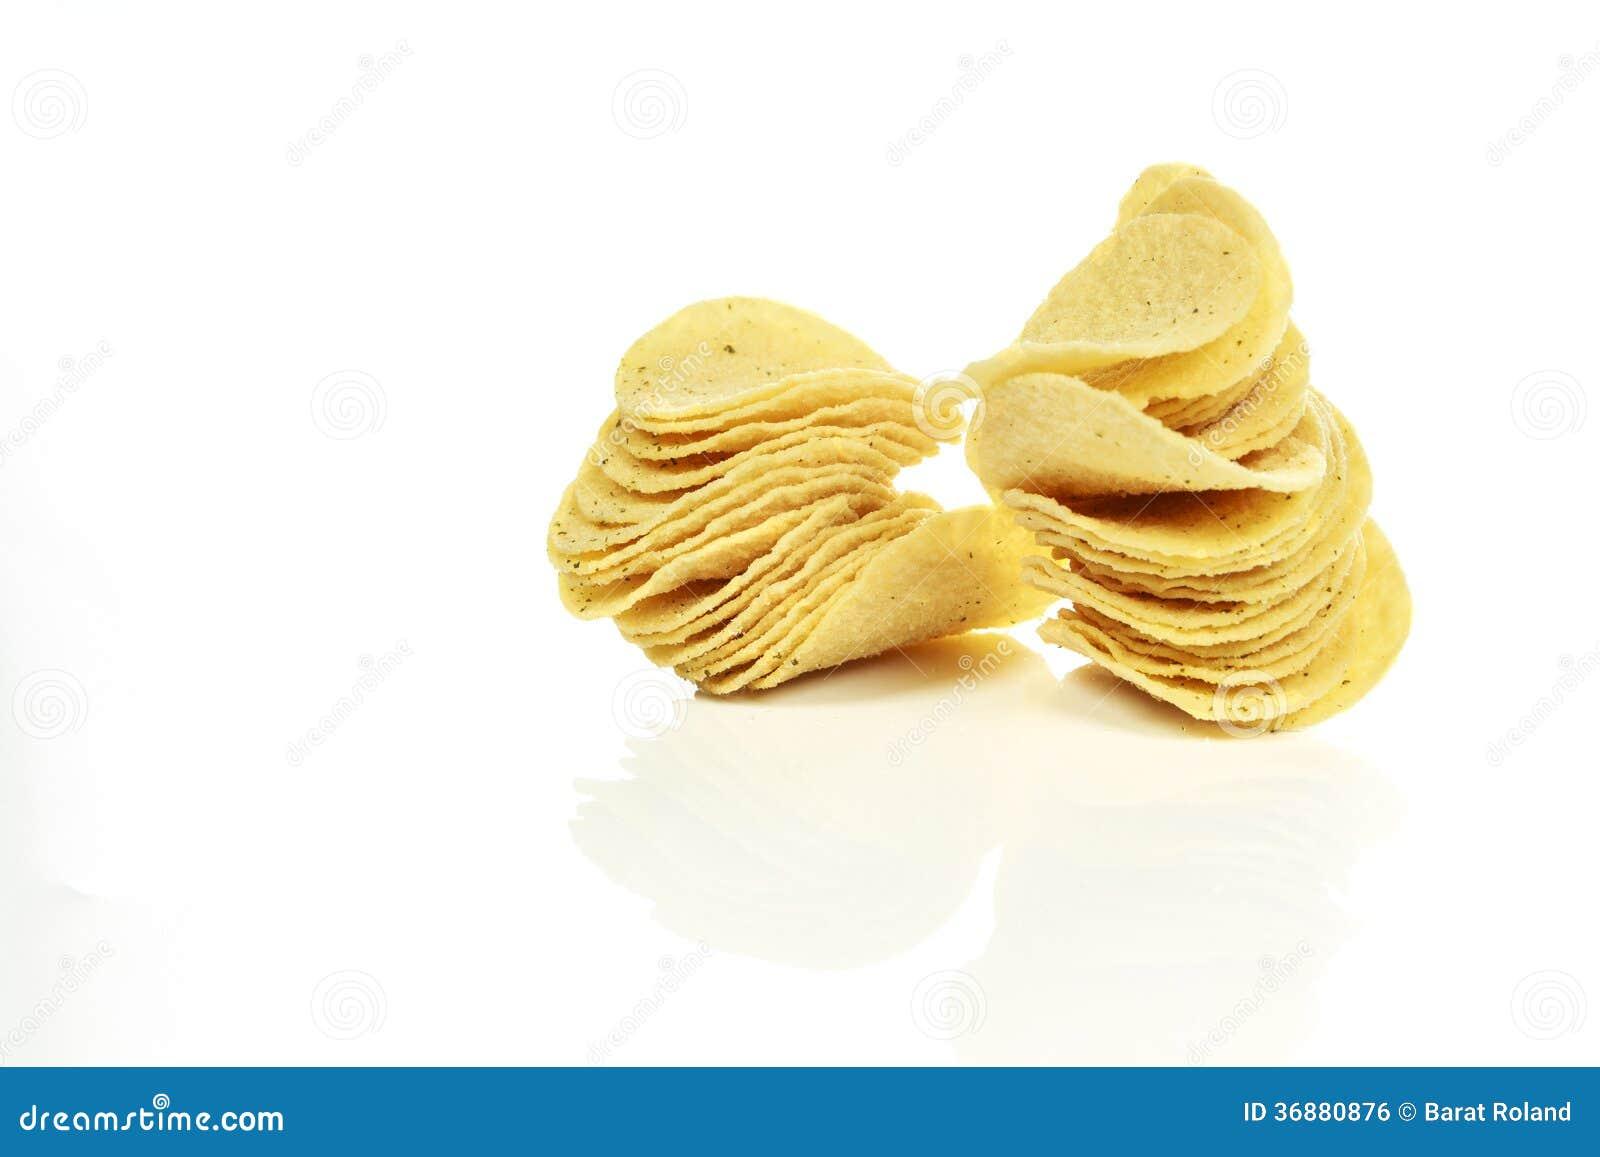 Download Patatine fritte fotografia stock. Immagine di chip, squisito - 36880876